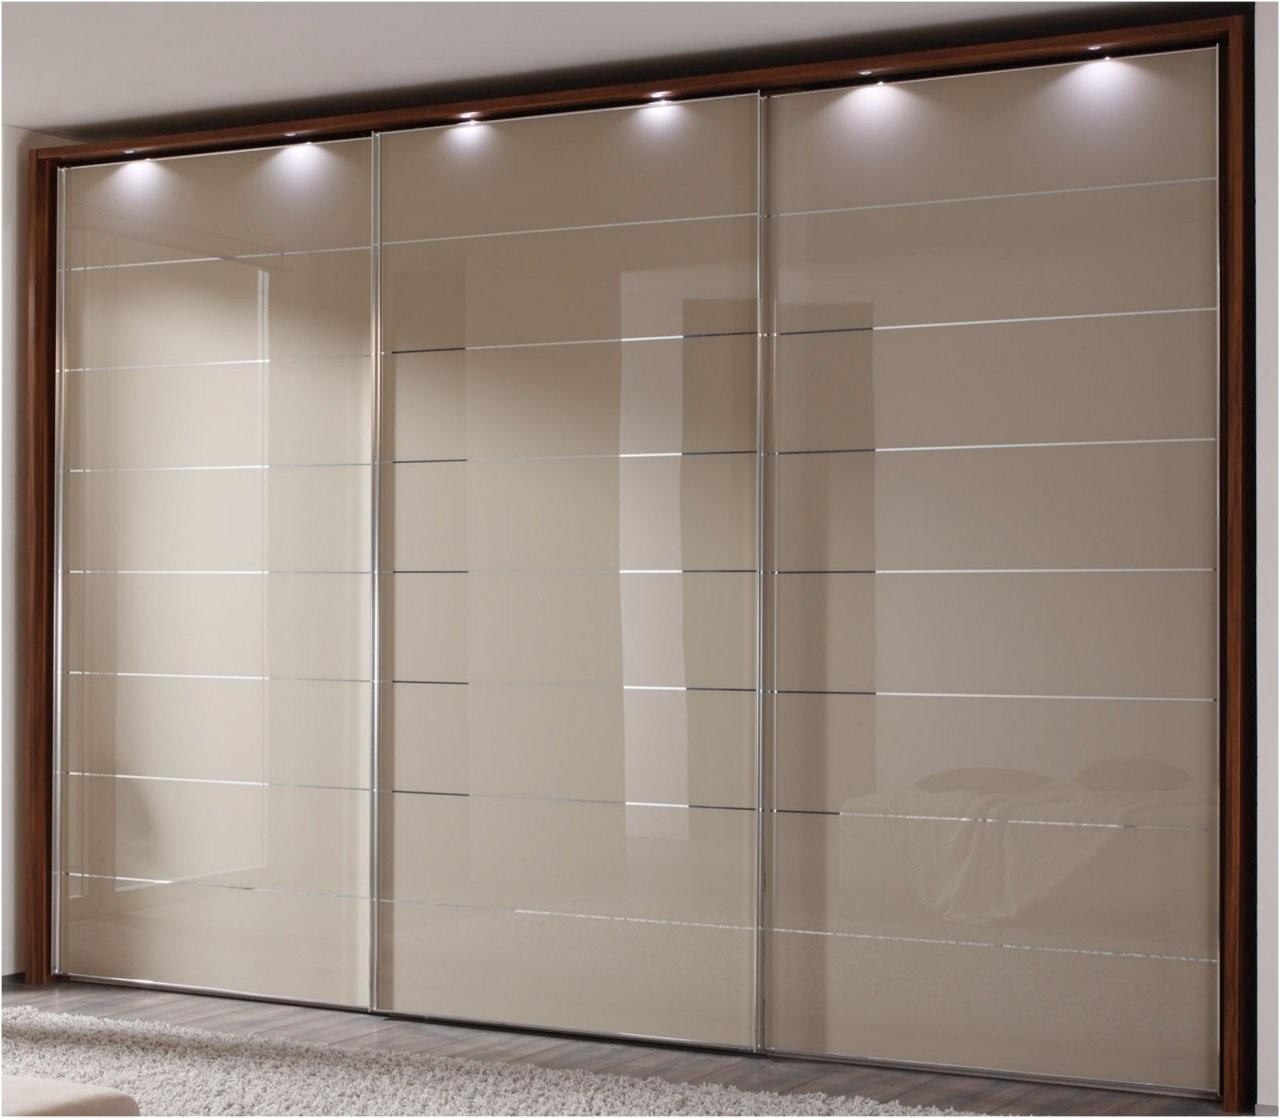 Cool Kleiderschrank 50 Tief – Ideen Für Ihr Zuhause von Kleiderschränke 50 Cm Tief Bild